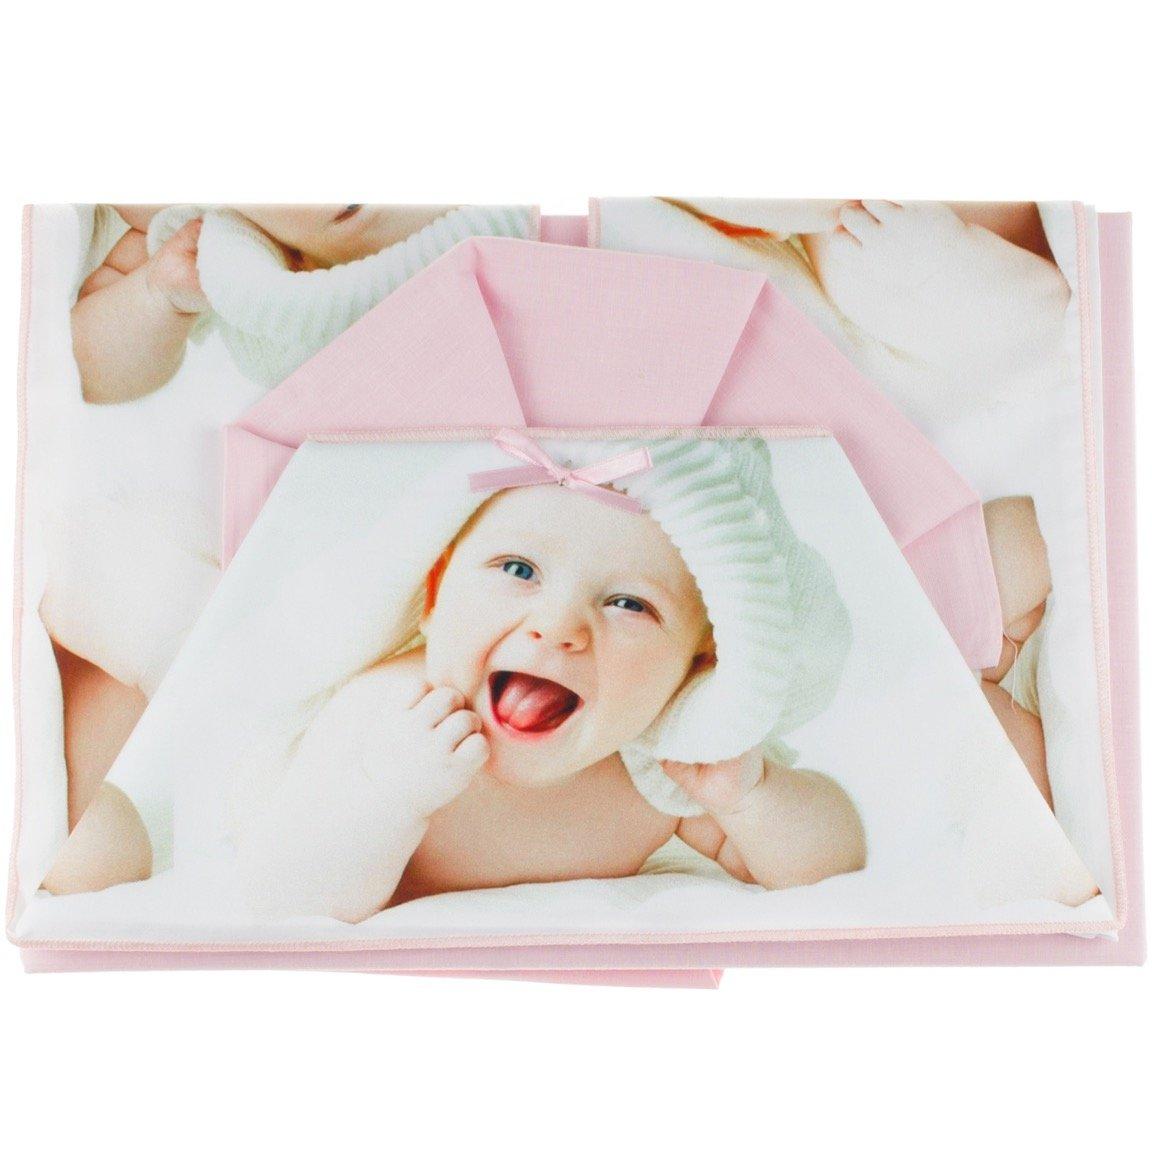 T&R σεντόνια σετ τριών τεμαχίων για παιδικό κρεβάτι (κούνια) «Pink Cutie»